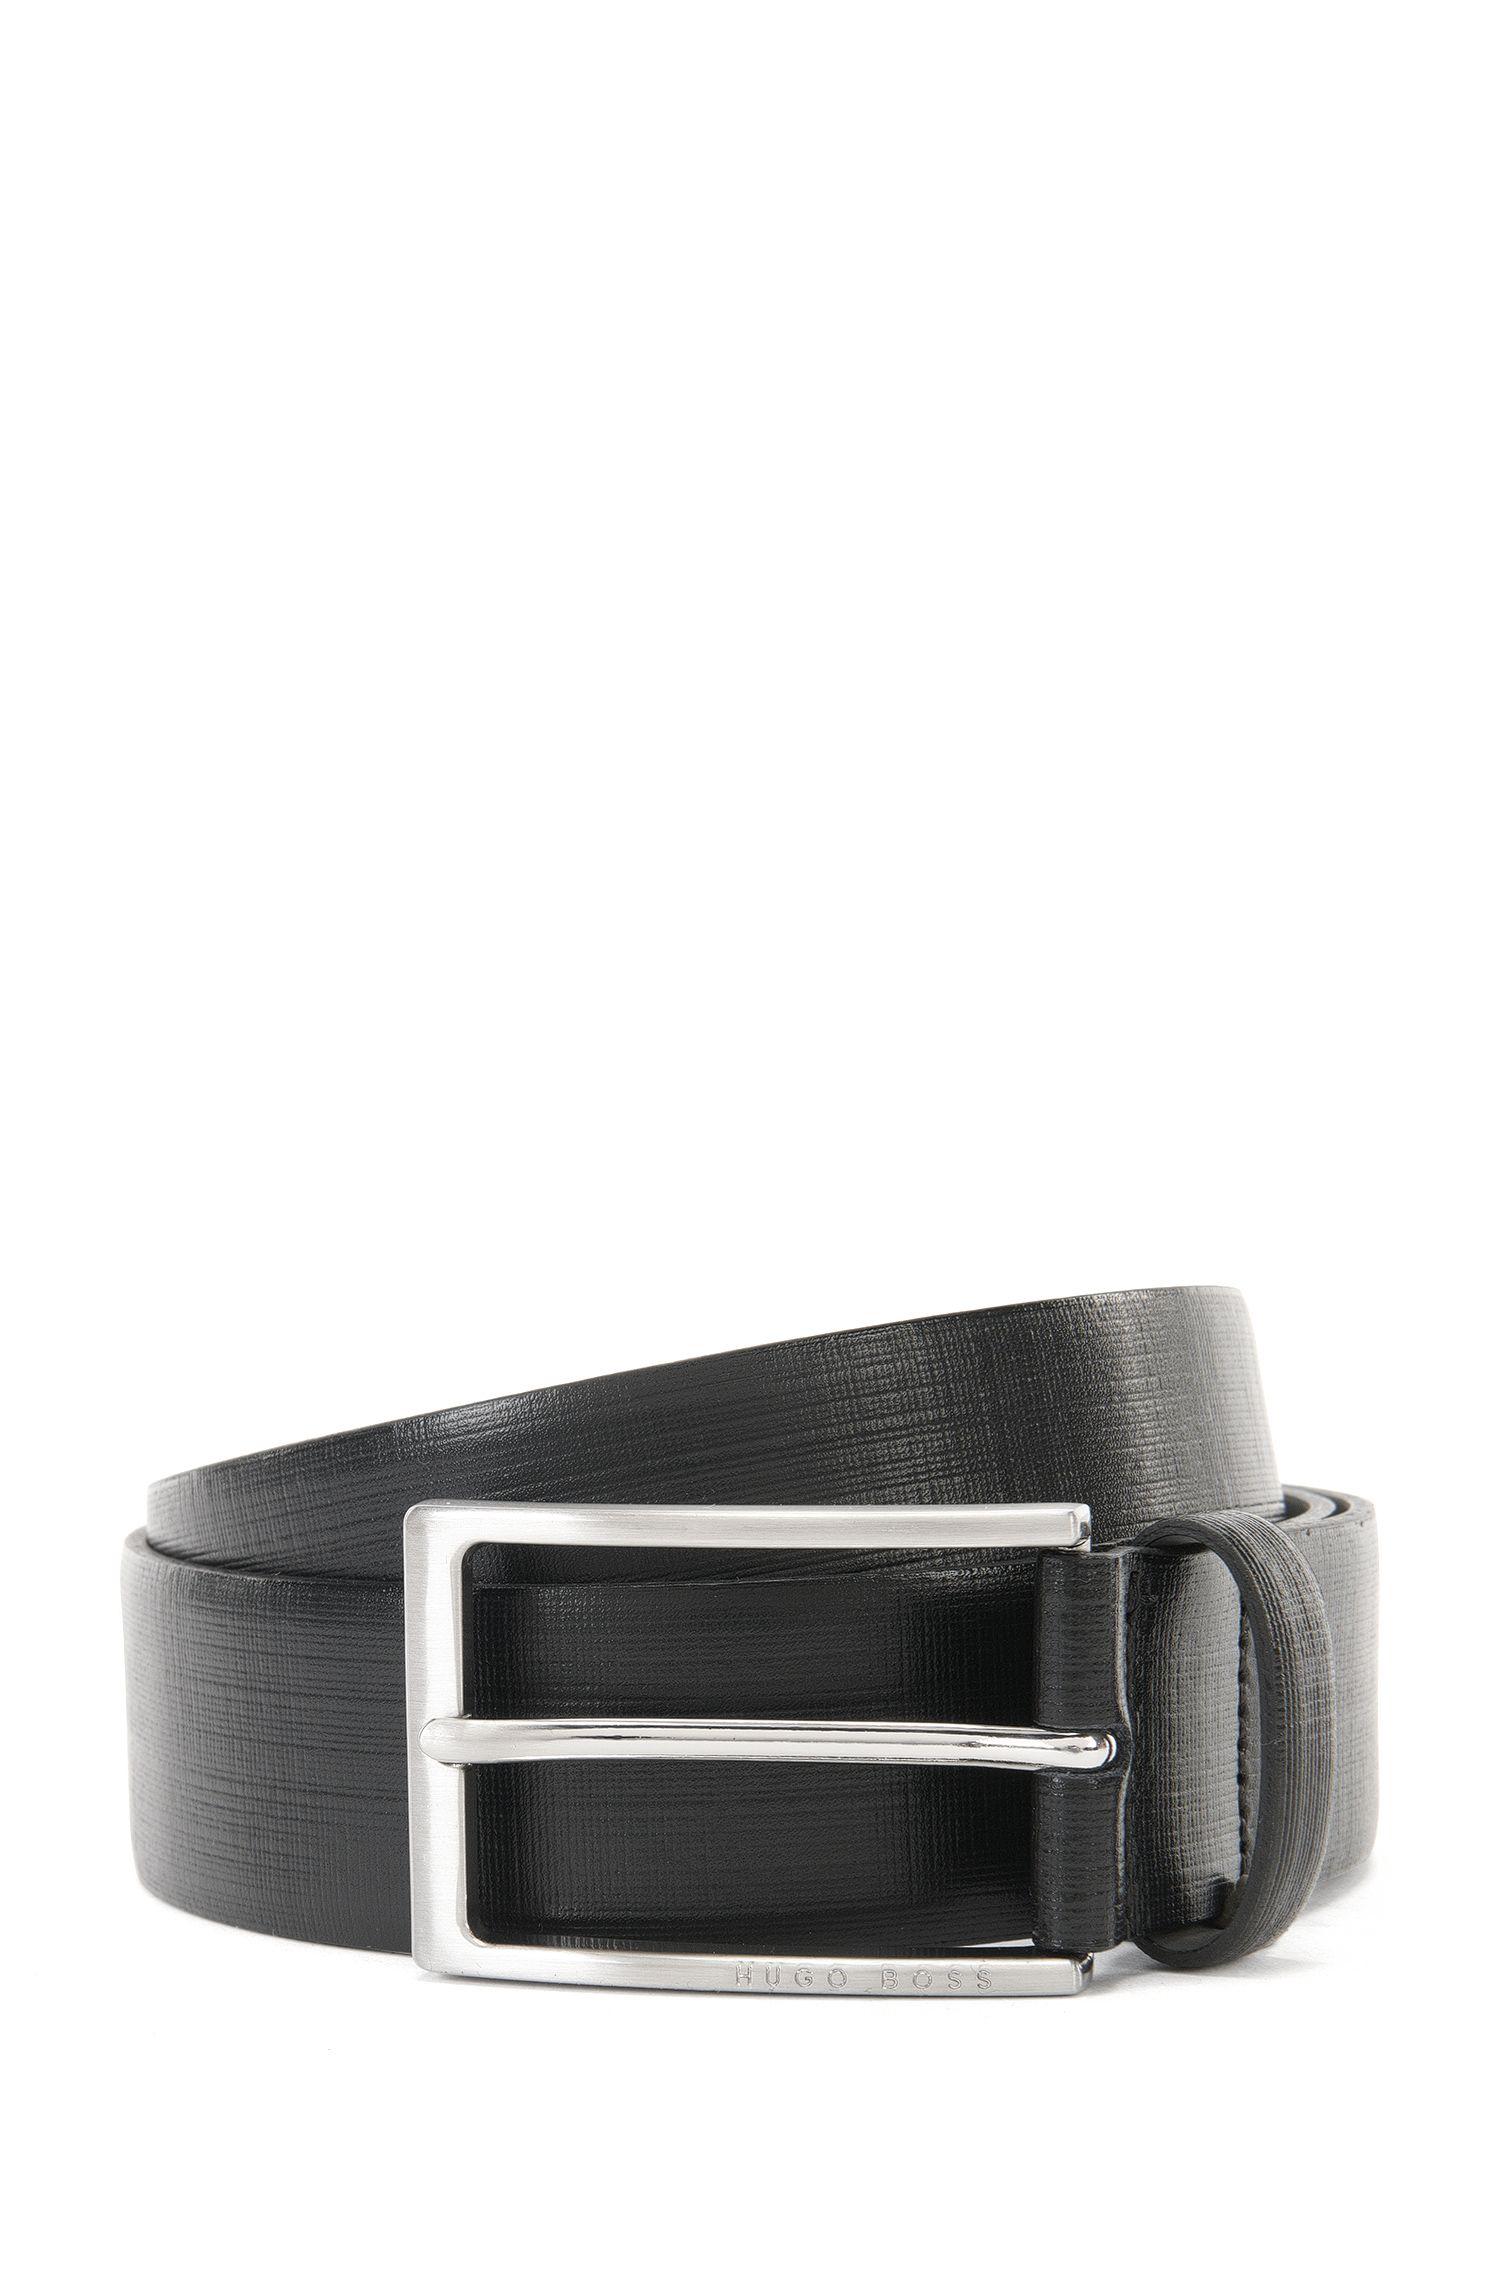 Cintura in pelle con dettagli stampati